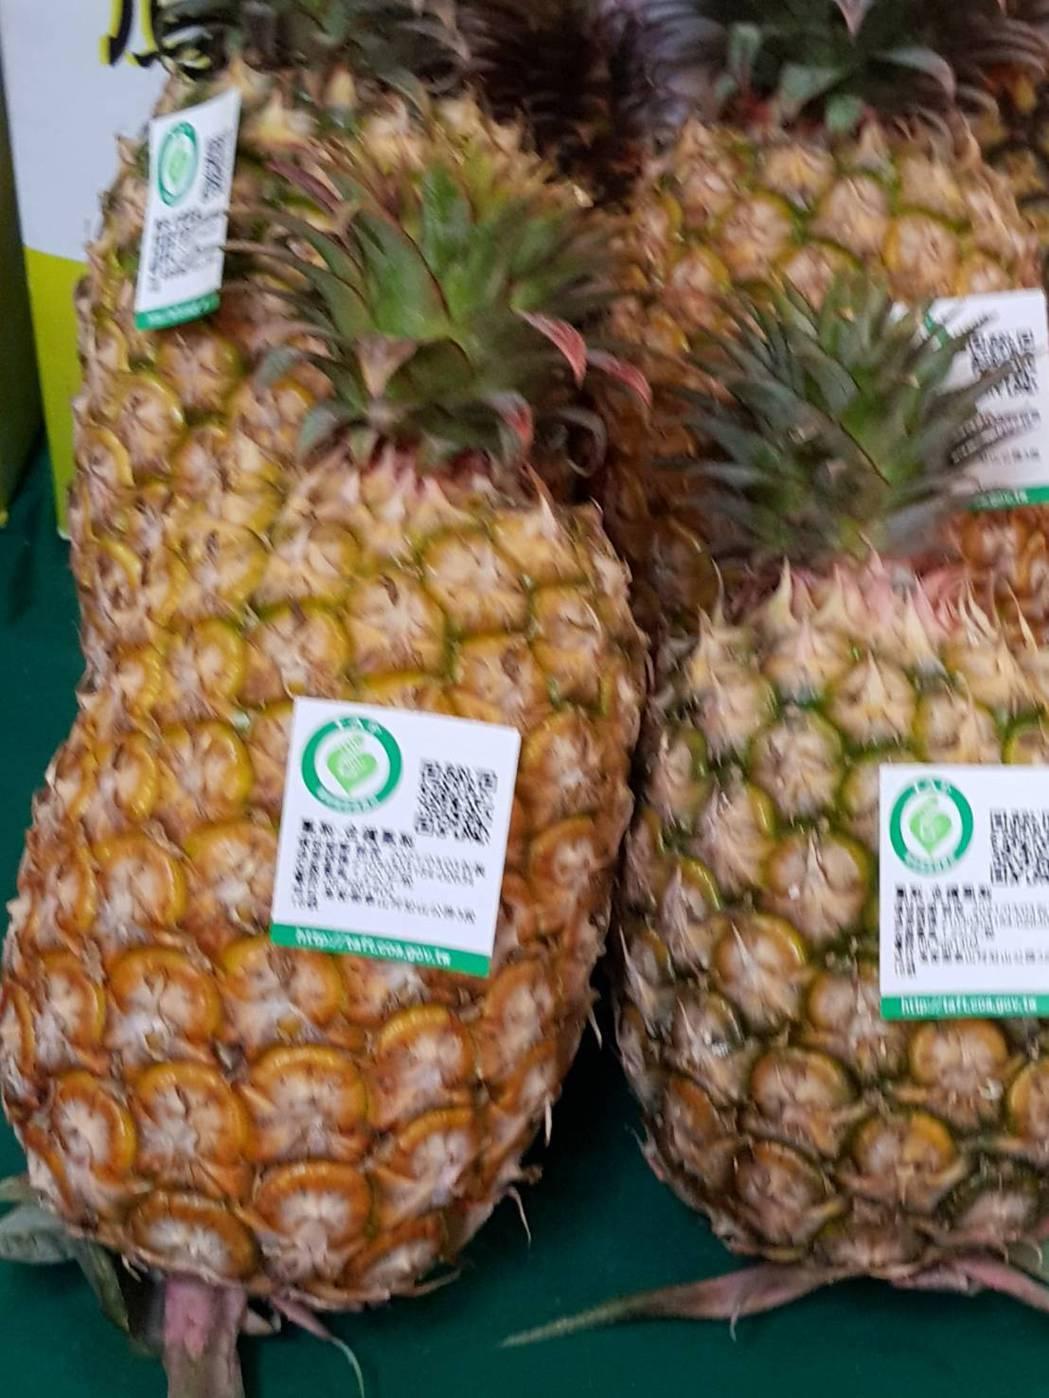 世界台灣商會聯合總會前會長、國策顧問林見松今天證實,有兩公噸台灣生鮮鳳梨輸往澳洲...